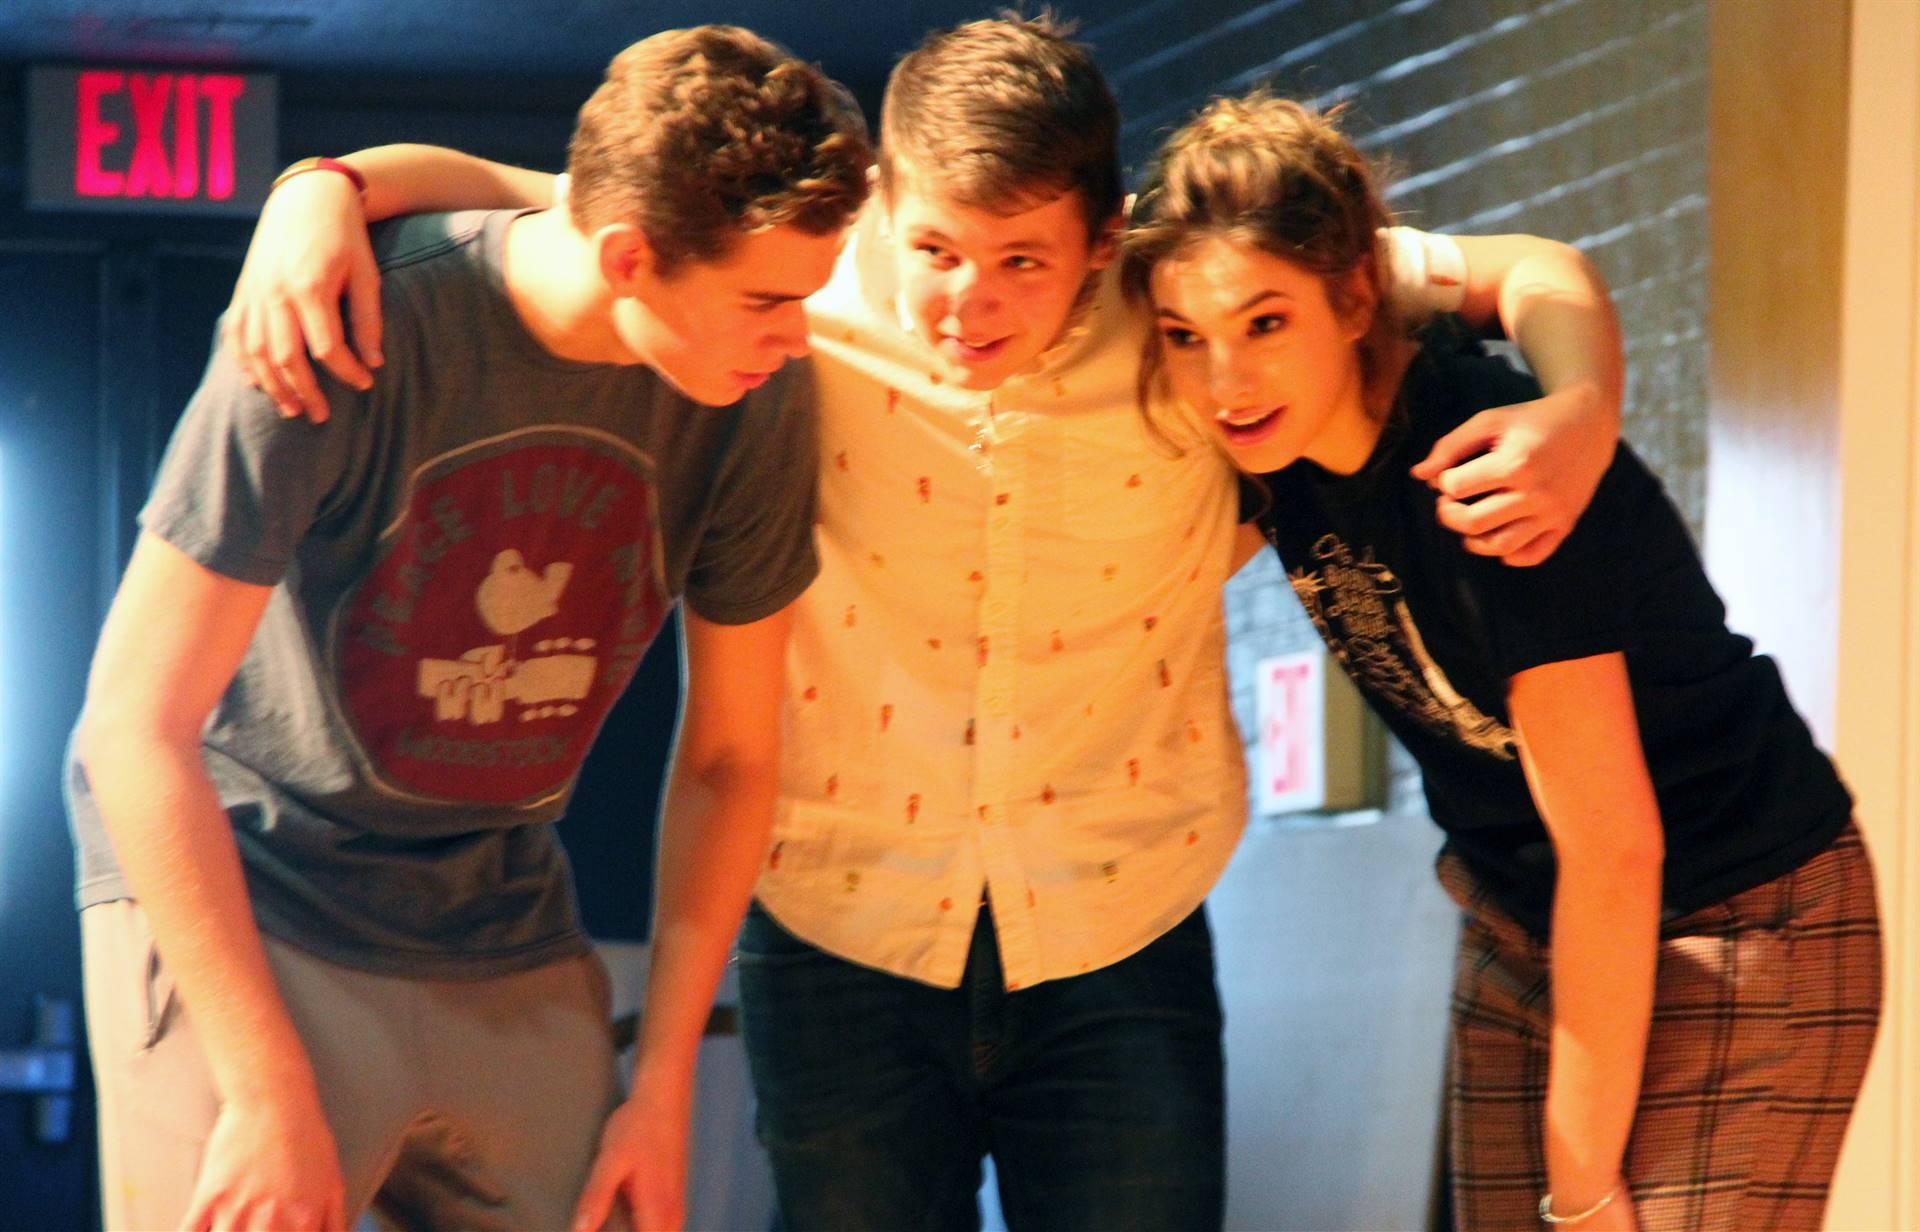 three cast members